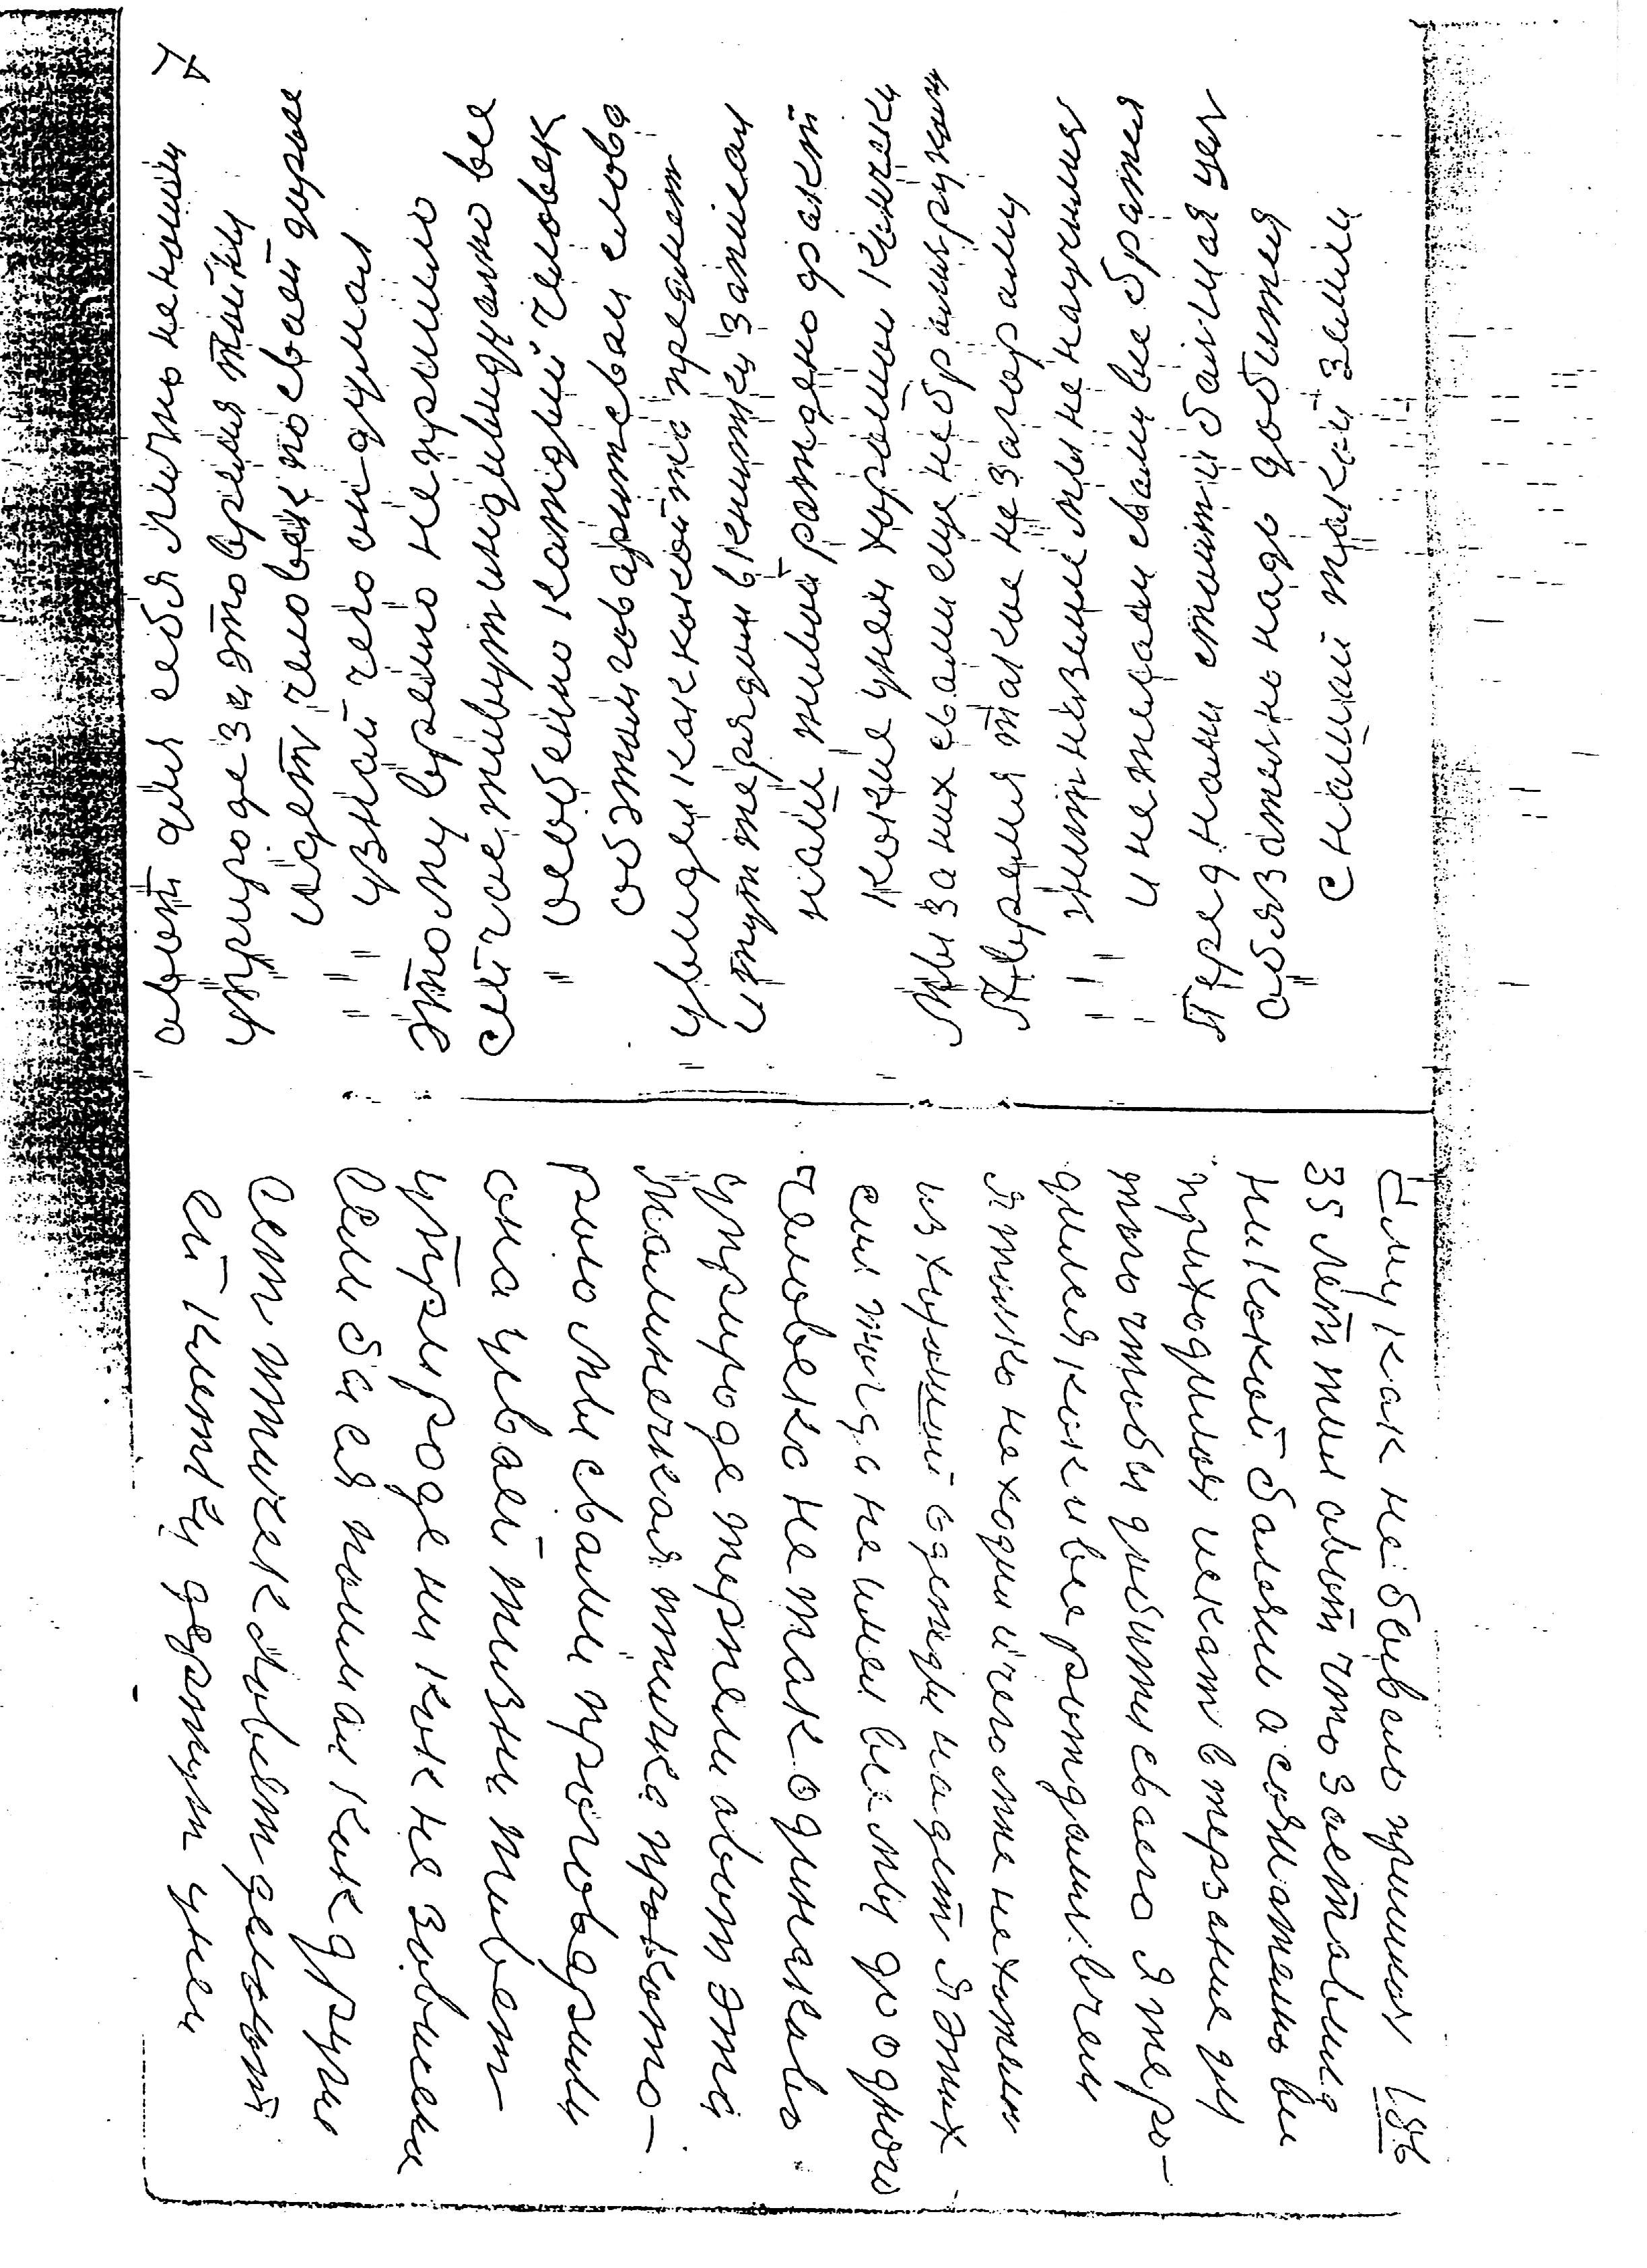 07-186.jpg